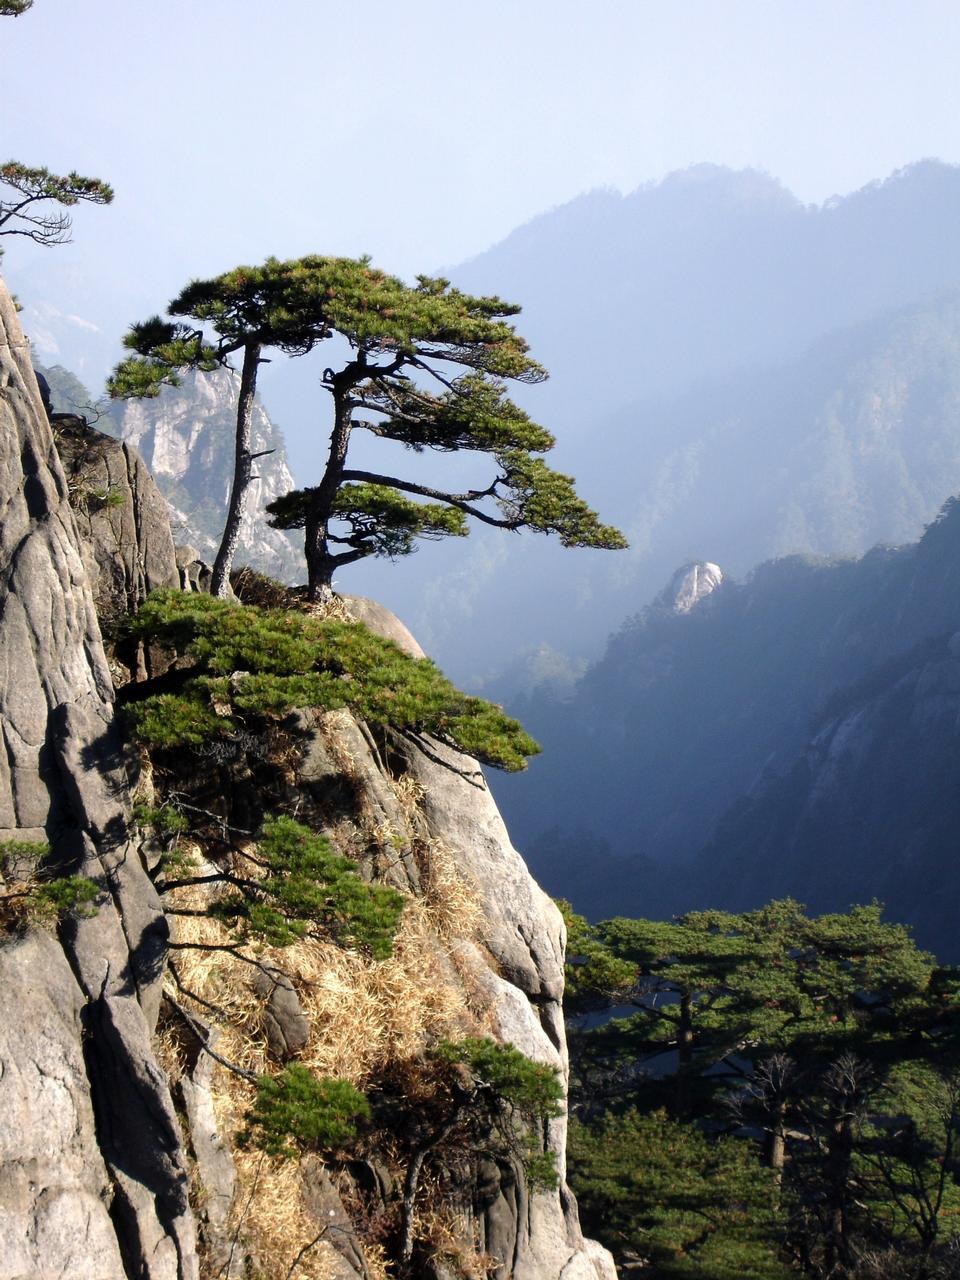 Free Huangshan mountain with Pinus hwangshanensis trees